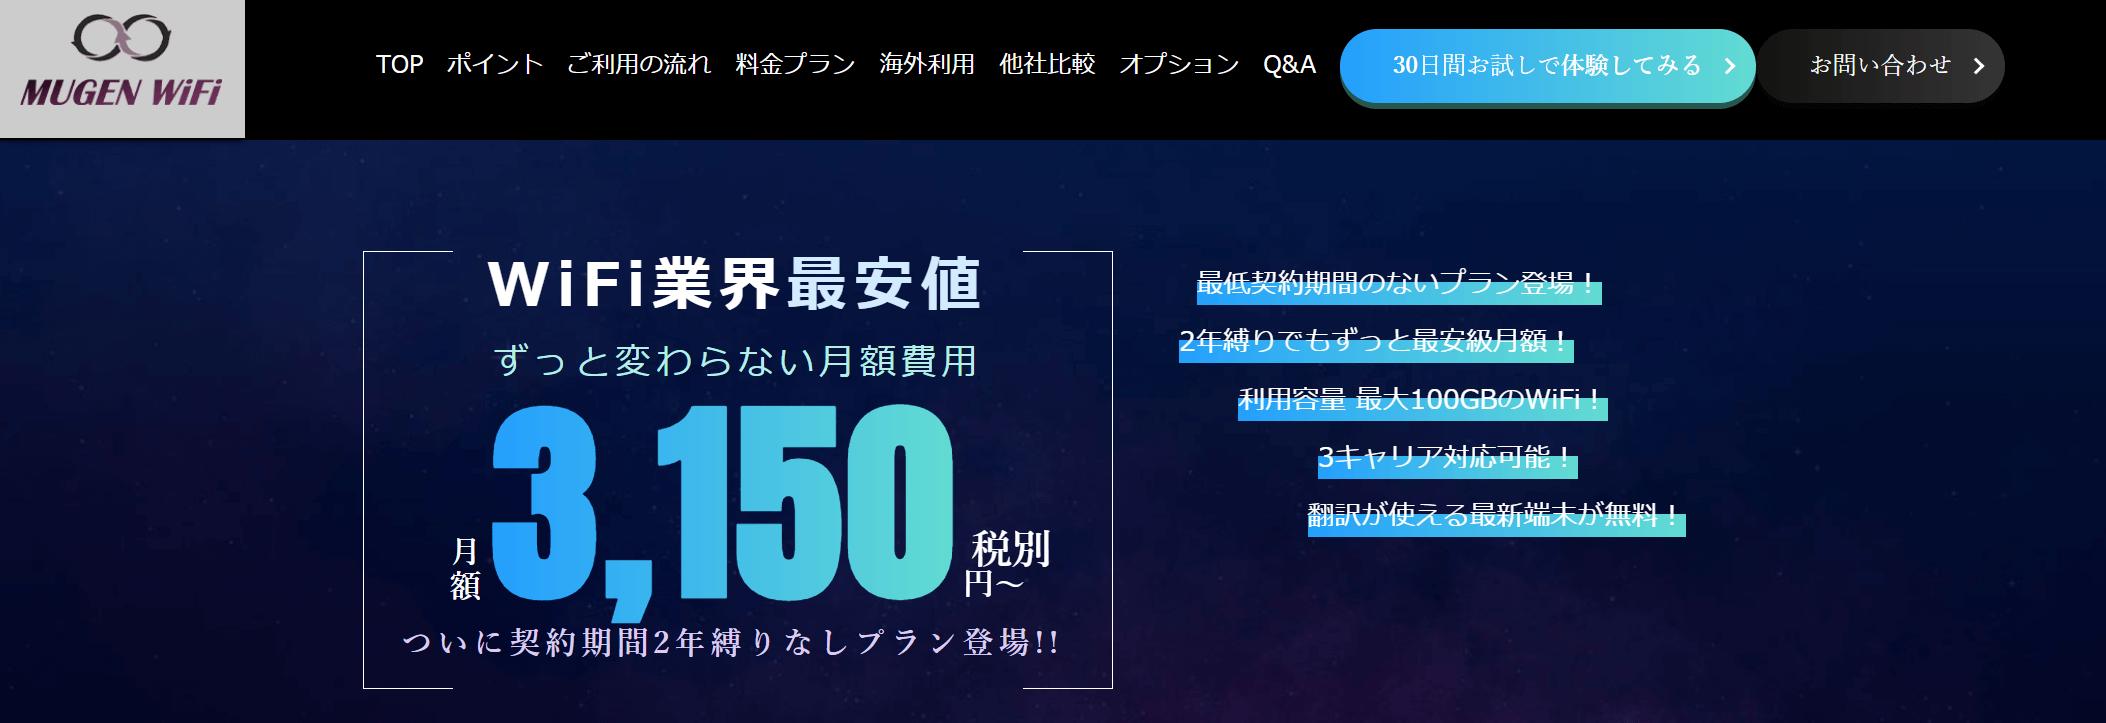 Wi-Fi_3日で10GB_MUGENWiFi